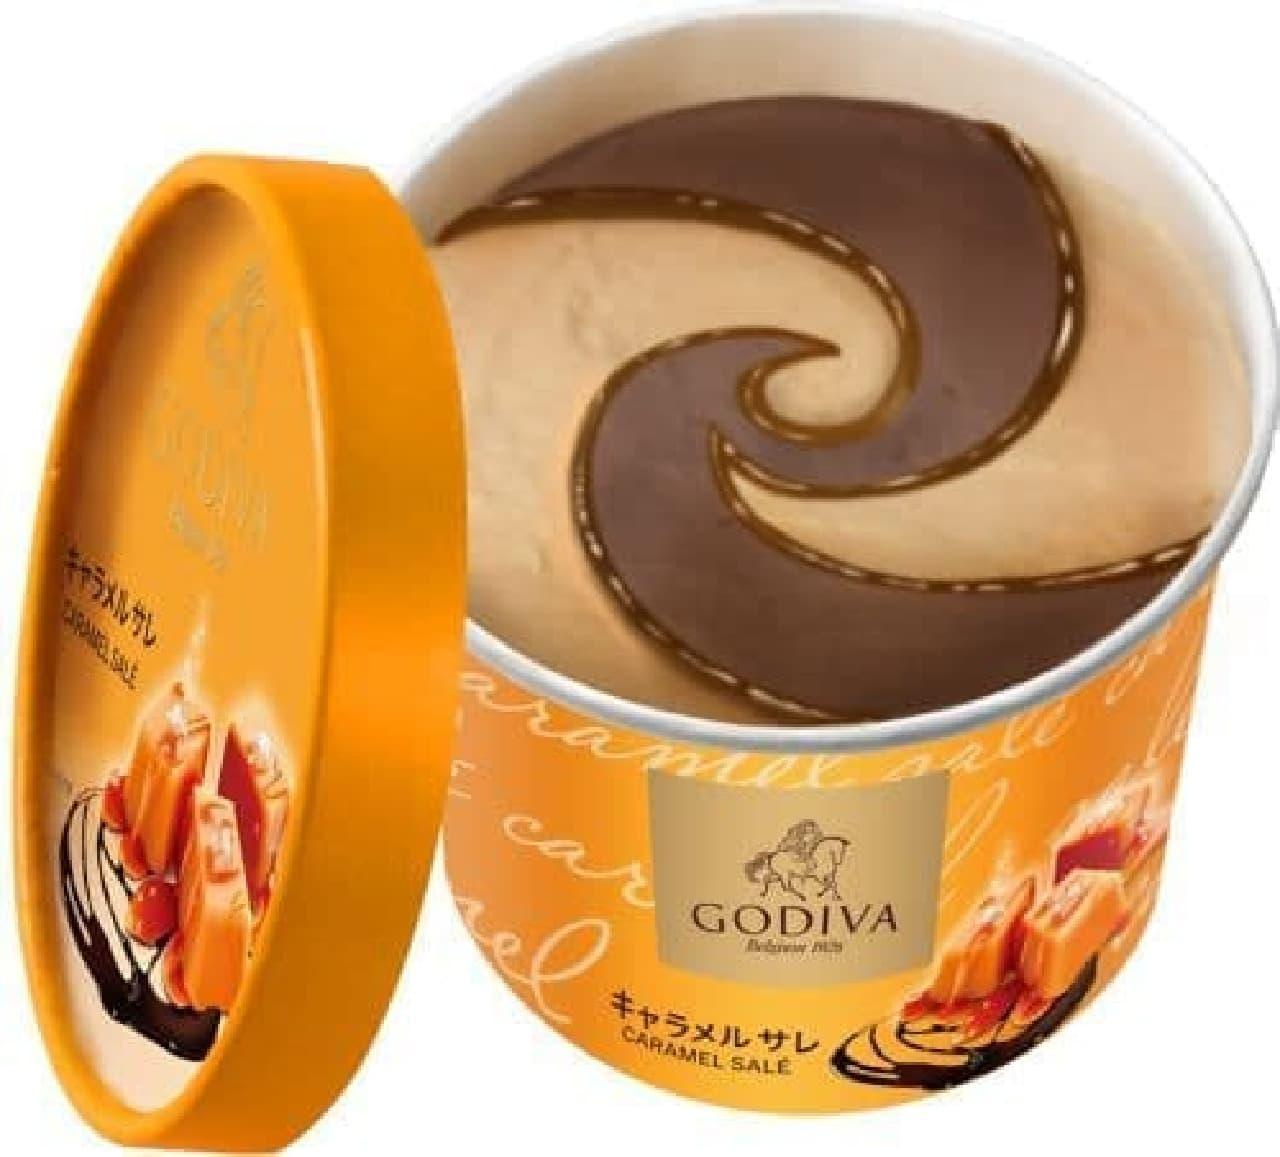 ゴディバのカップアイス キャラメルサレ